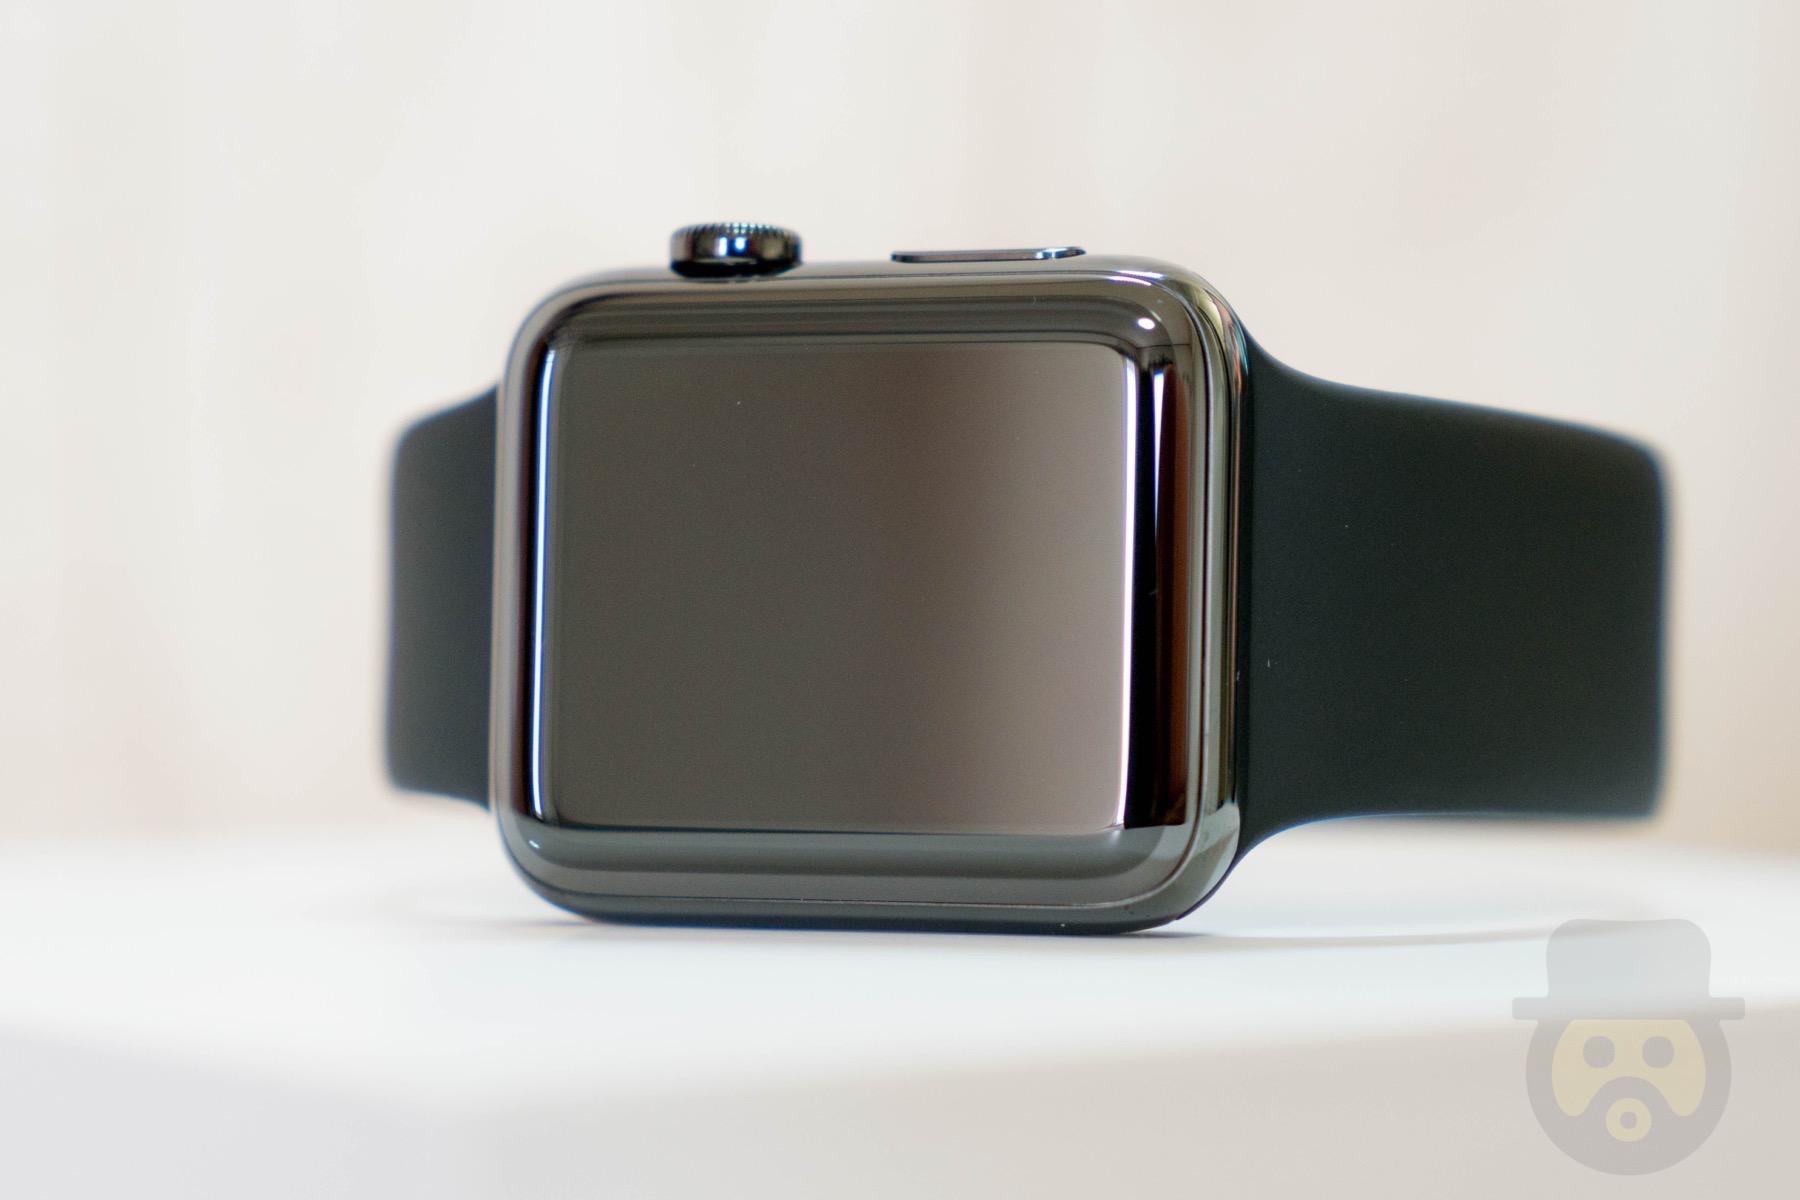 Apple Watchを機種変更する前にやっておくべき3つのこと